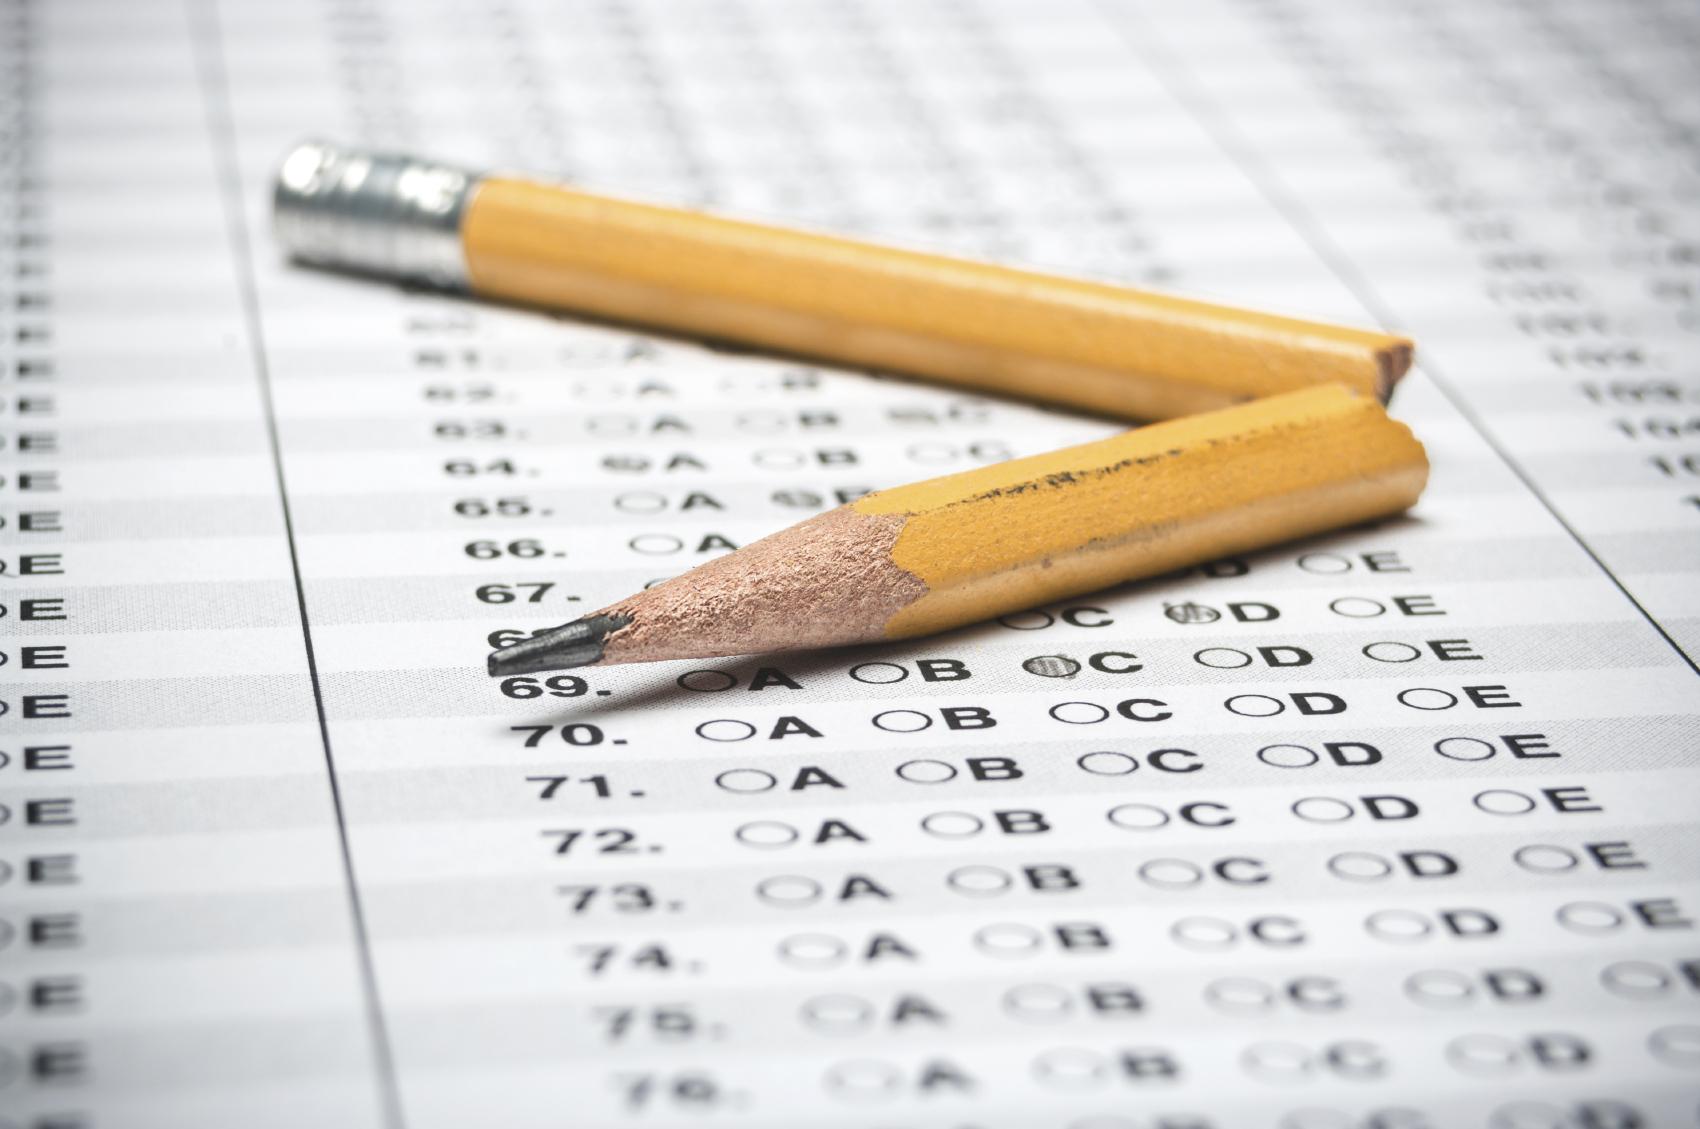 Examen tipo CITO que realizan los alumnos de primaria antes de pasar a bachillerato